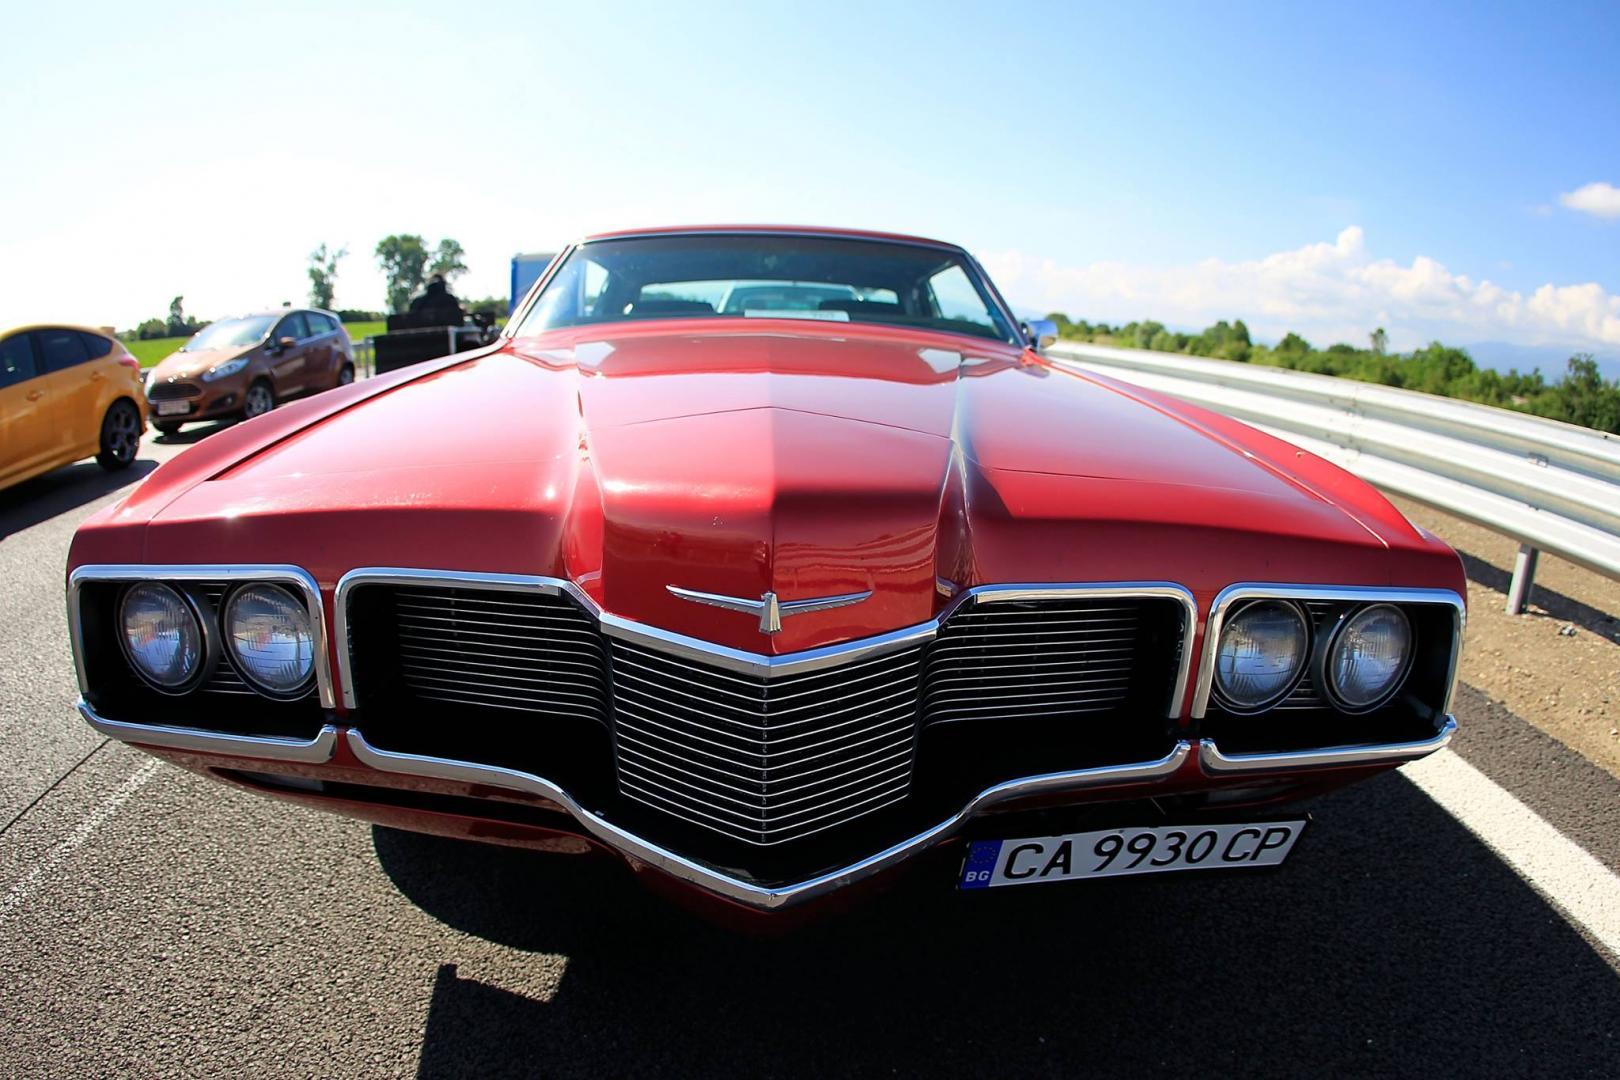 voorkant van een rode auto